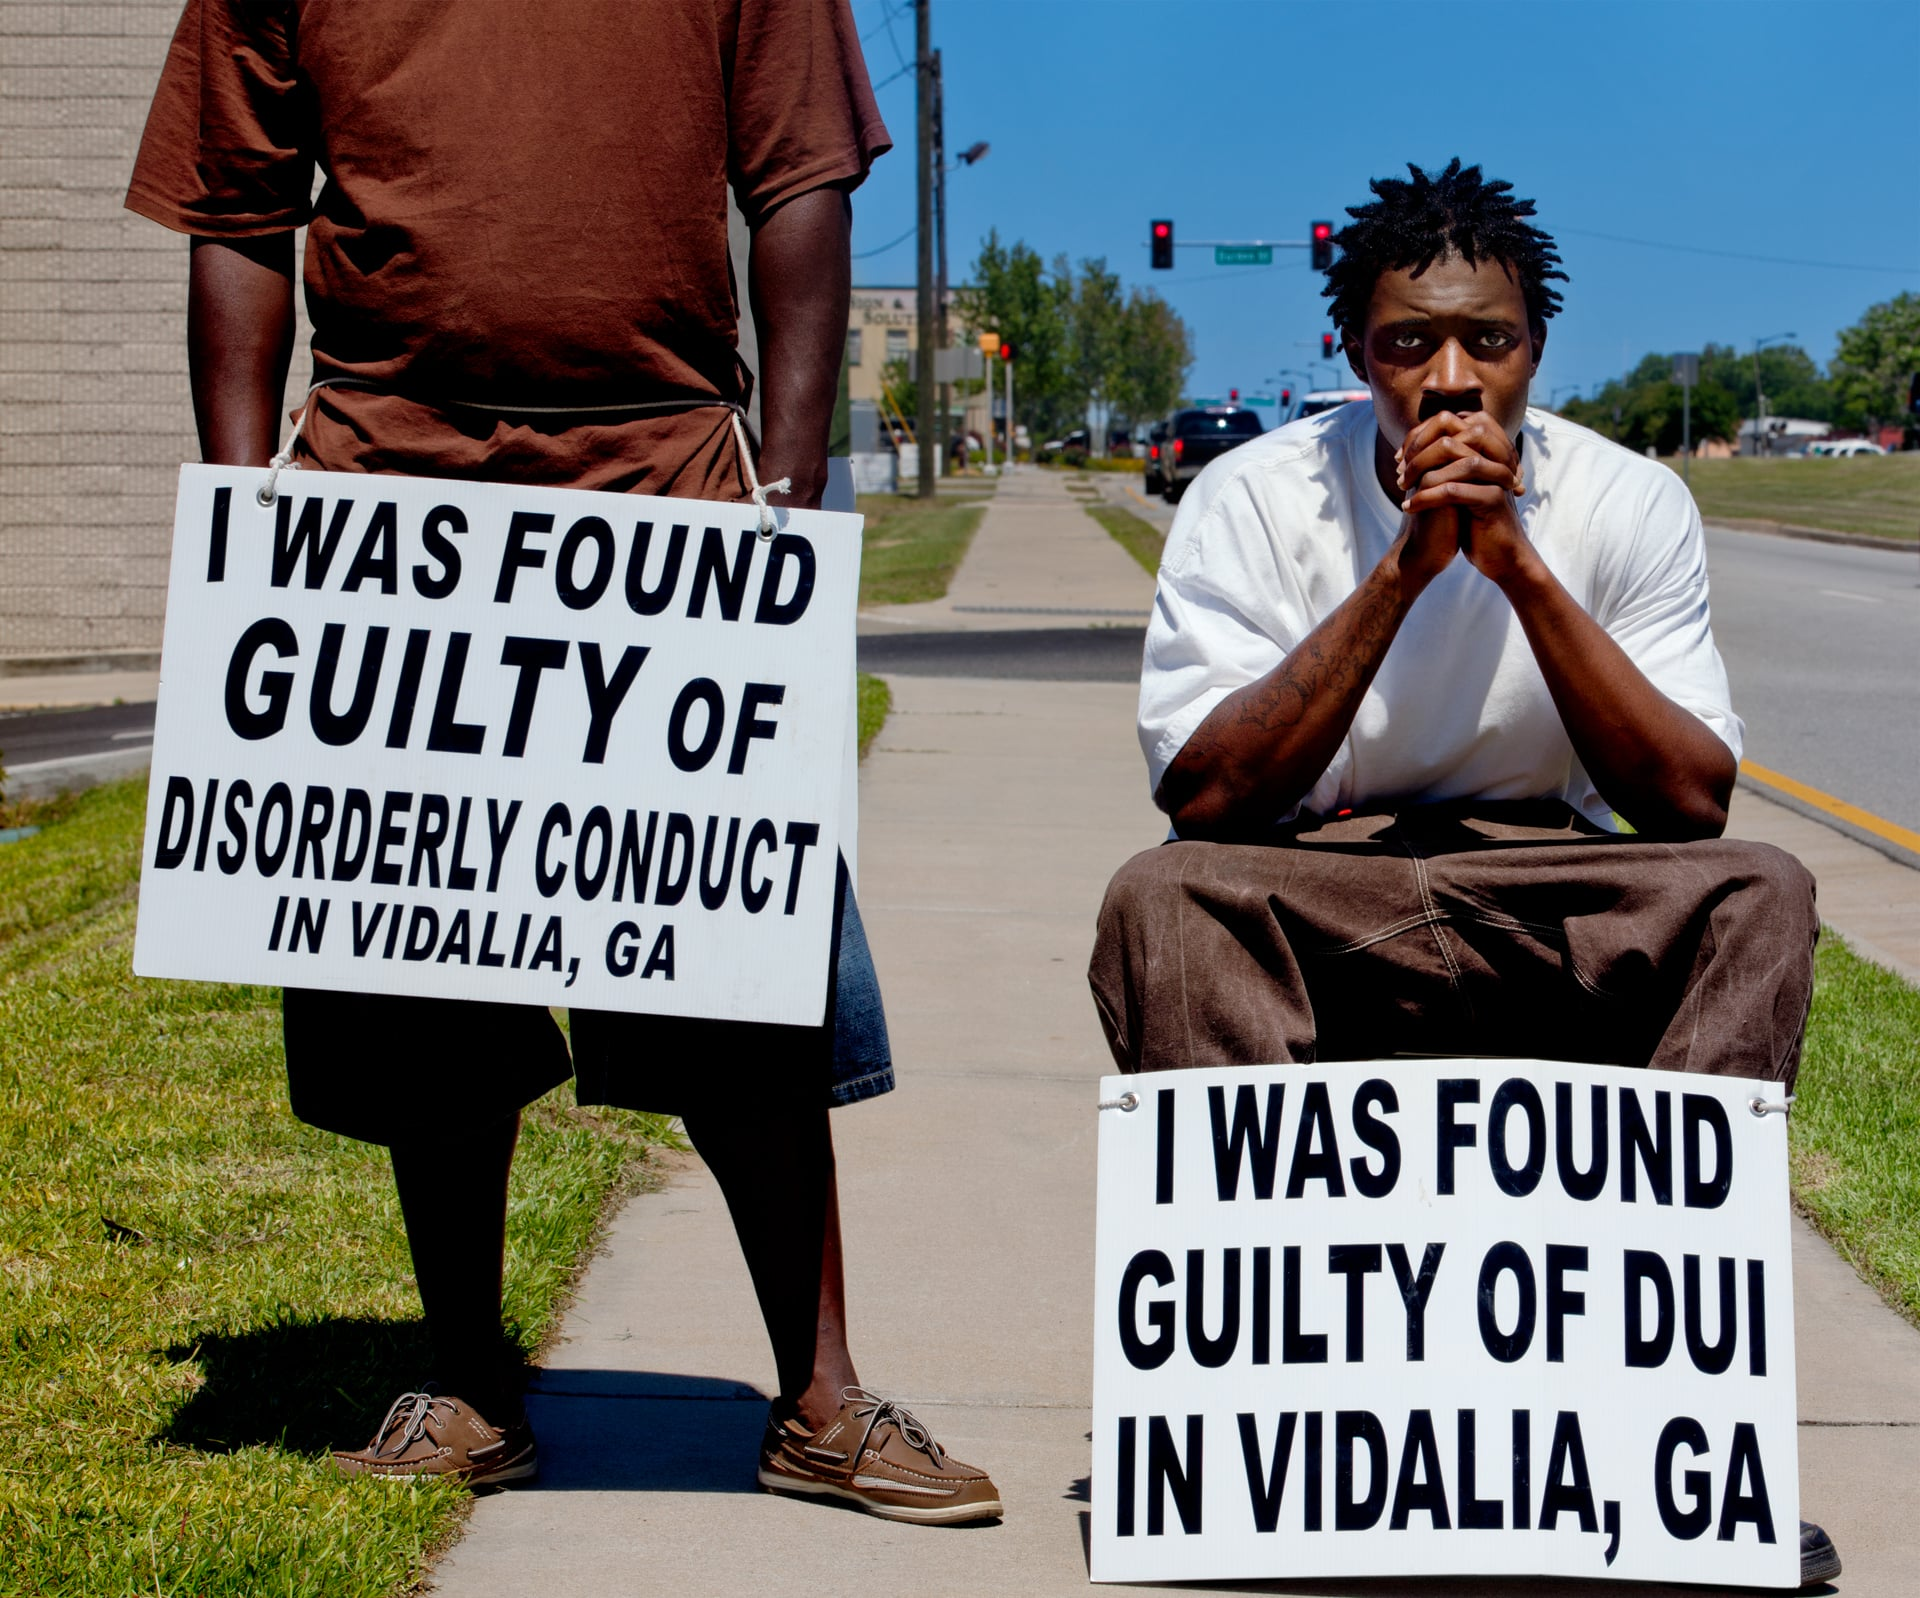 VIDALIA, GEORGIA – MAY 2013: Public shaming on May 24, 2013 in